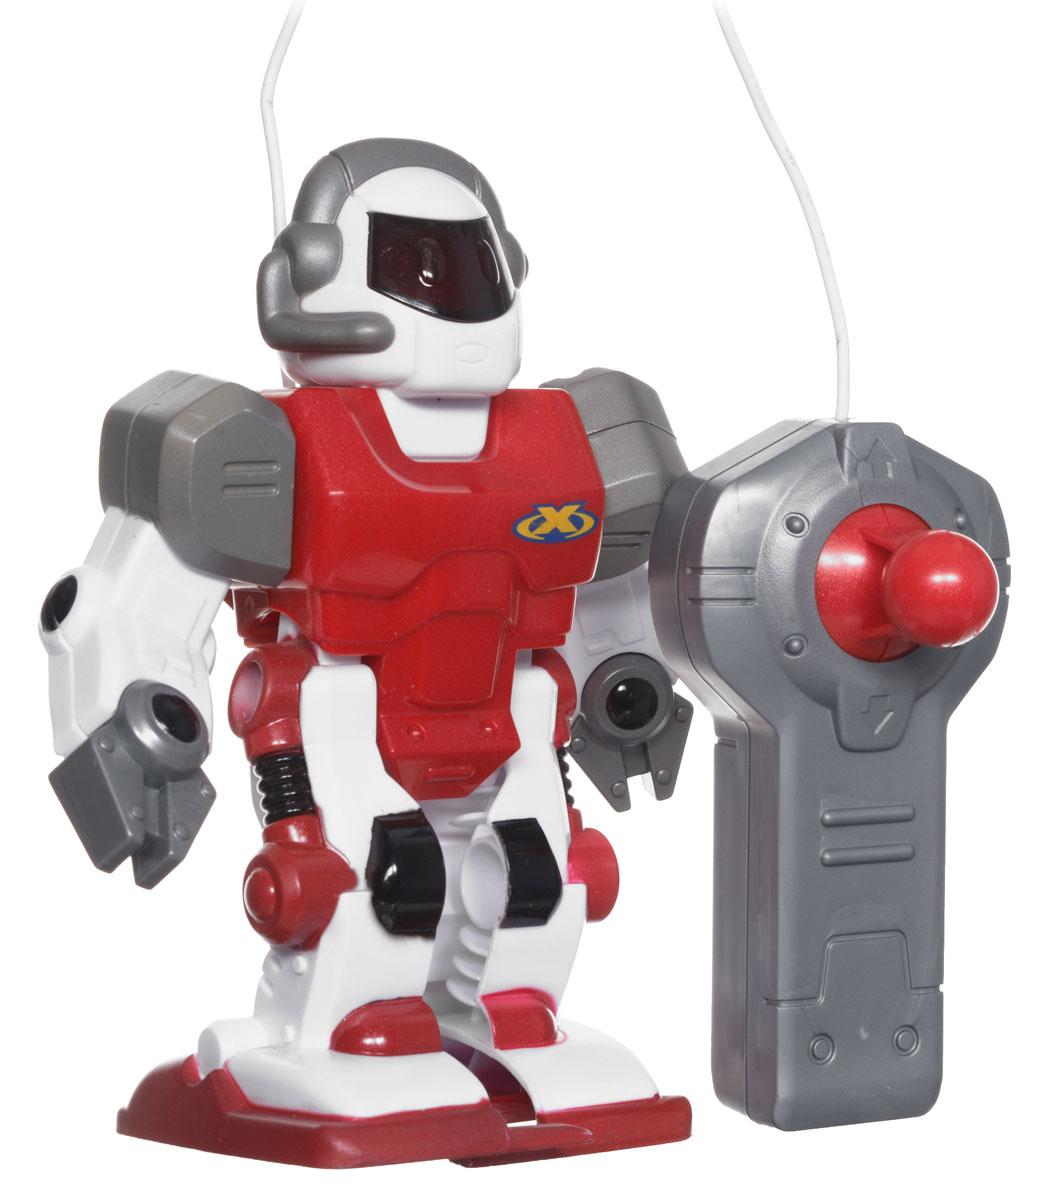 Keenway Робот на дистанционном управлении 13402